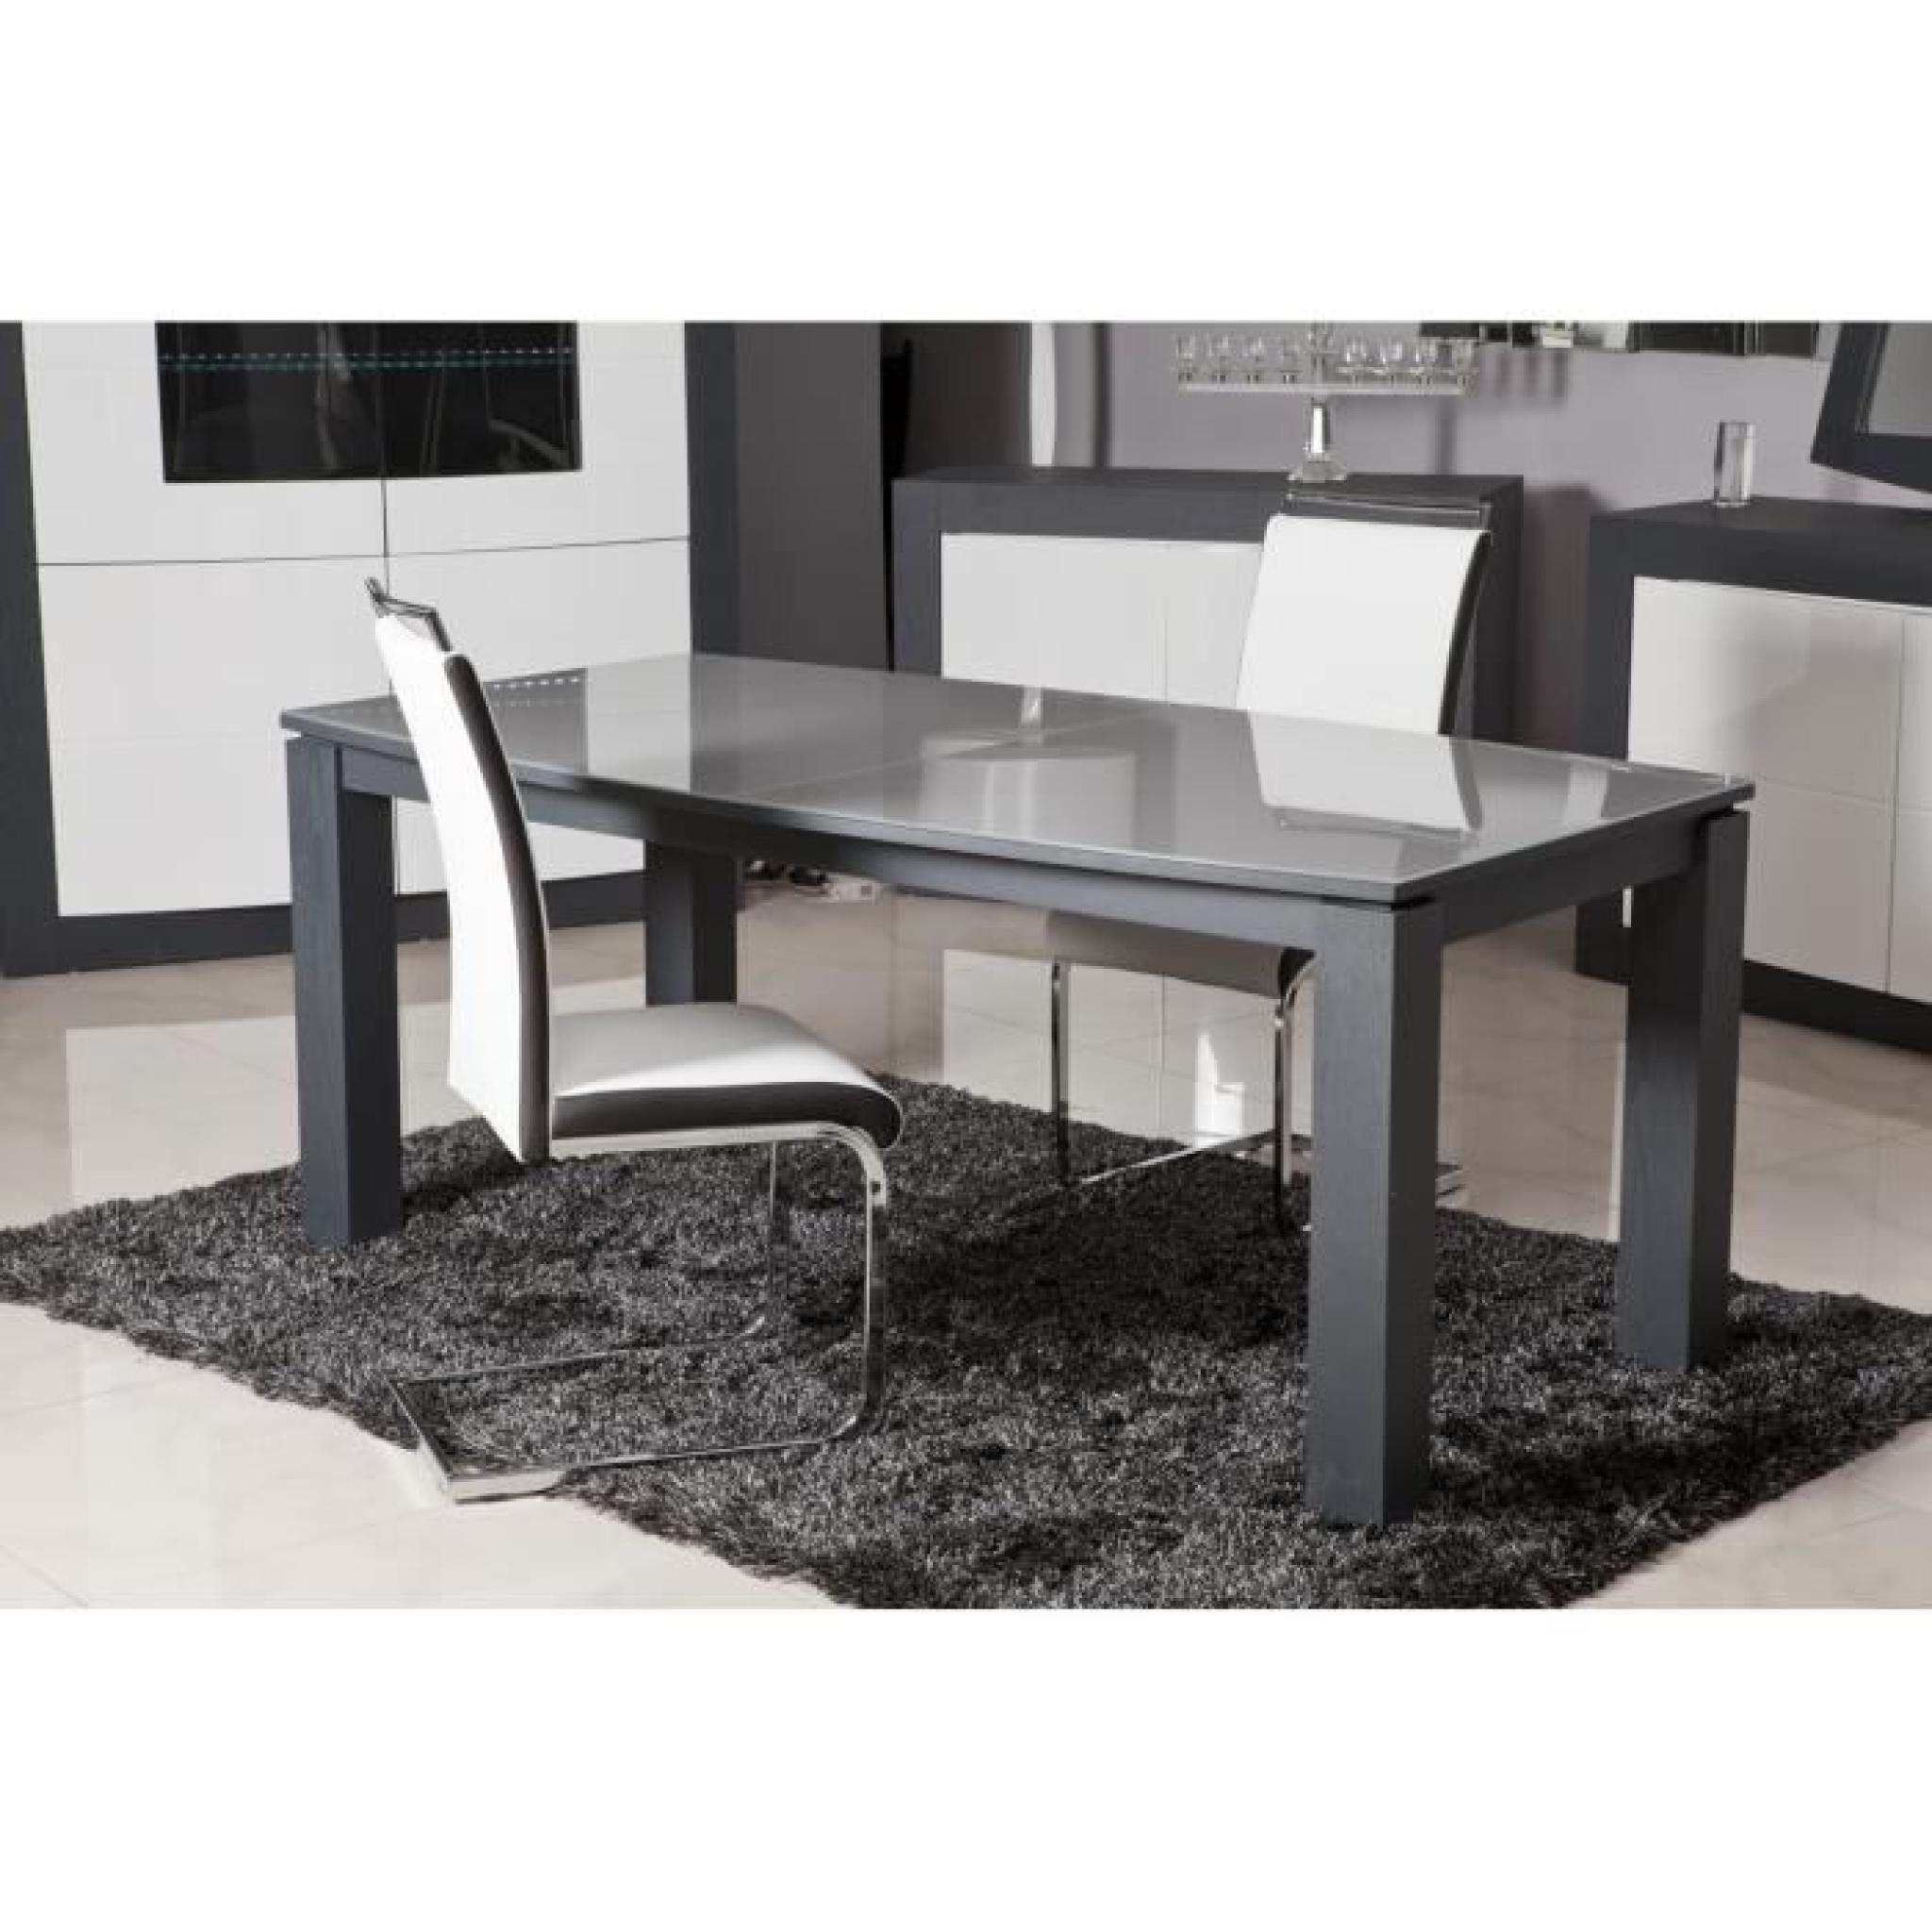 DYLAN lot de 2 chaises Blanc/Noir - Achat/Vente chaise salle a ...